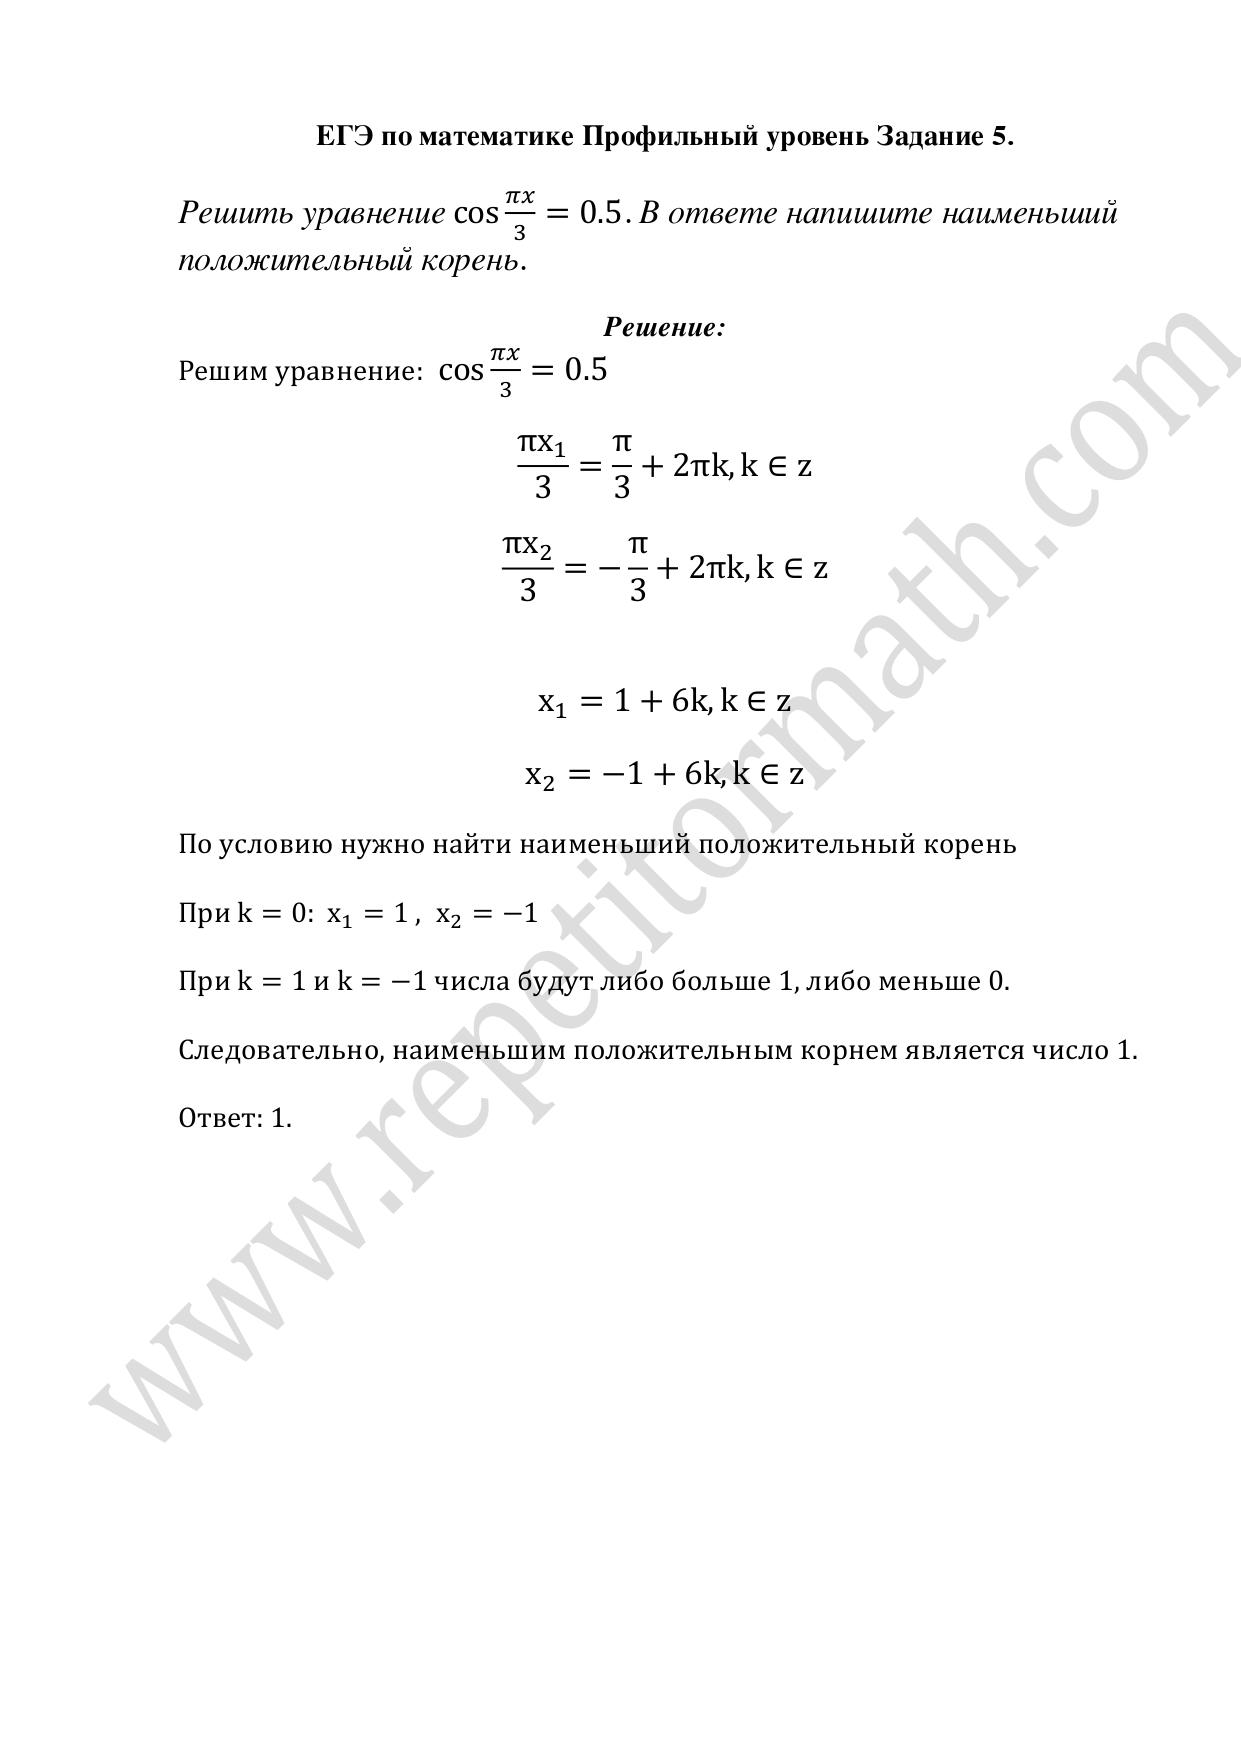 Задание №5 ЕГЭ (профильный уровень)